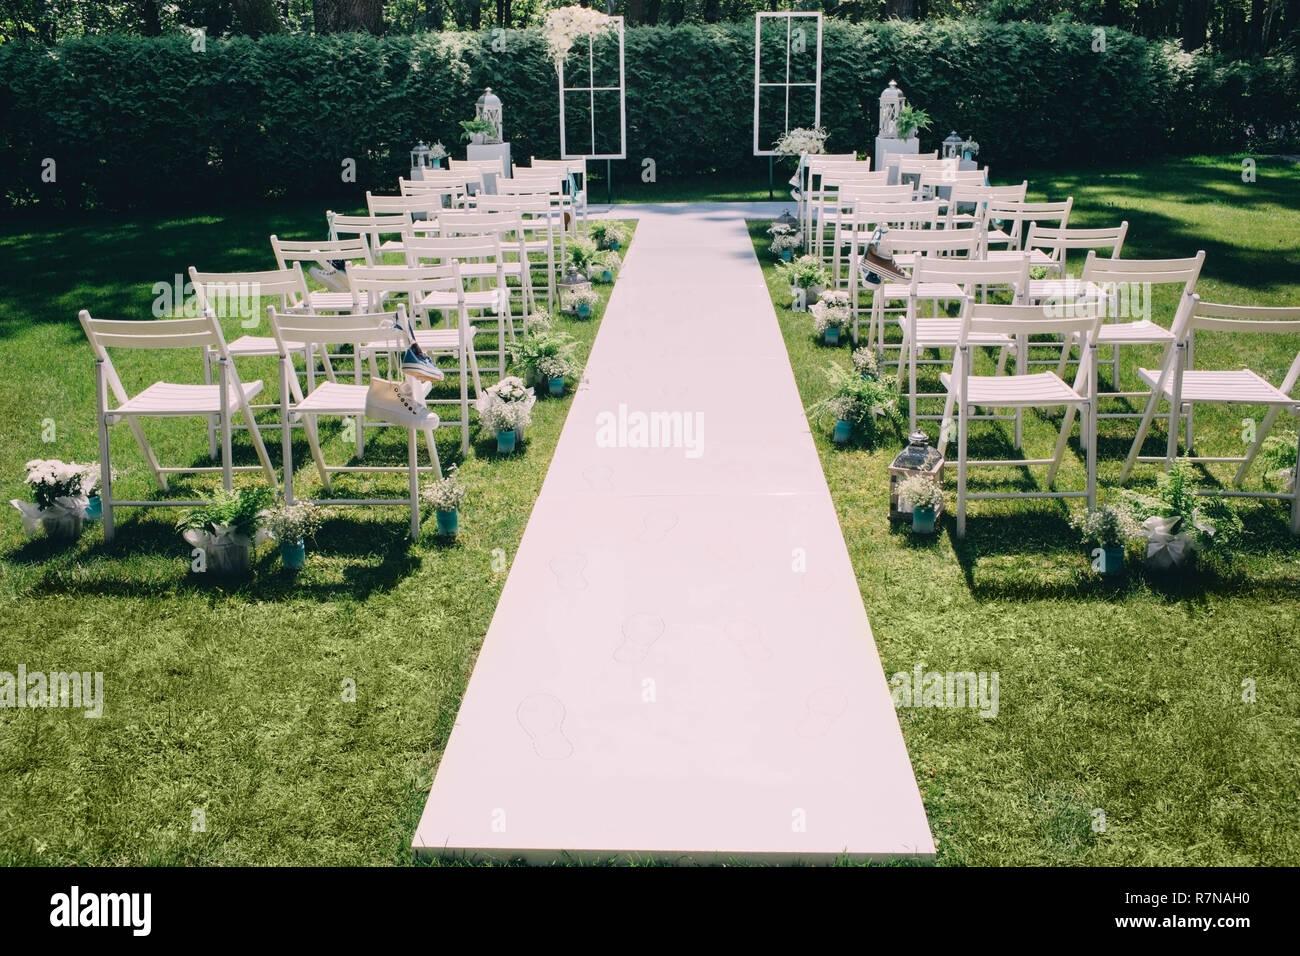 Hermoso Evento Ceremonia De Boda En Un Jardín Con Decoración